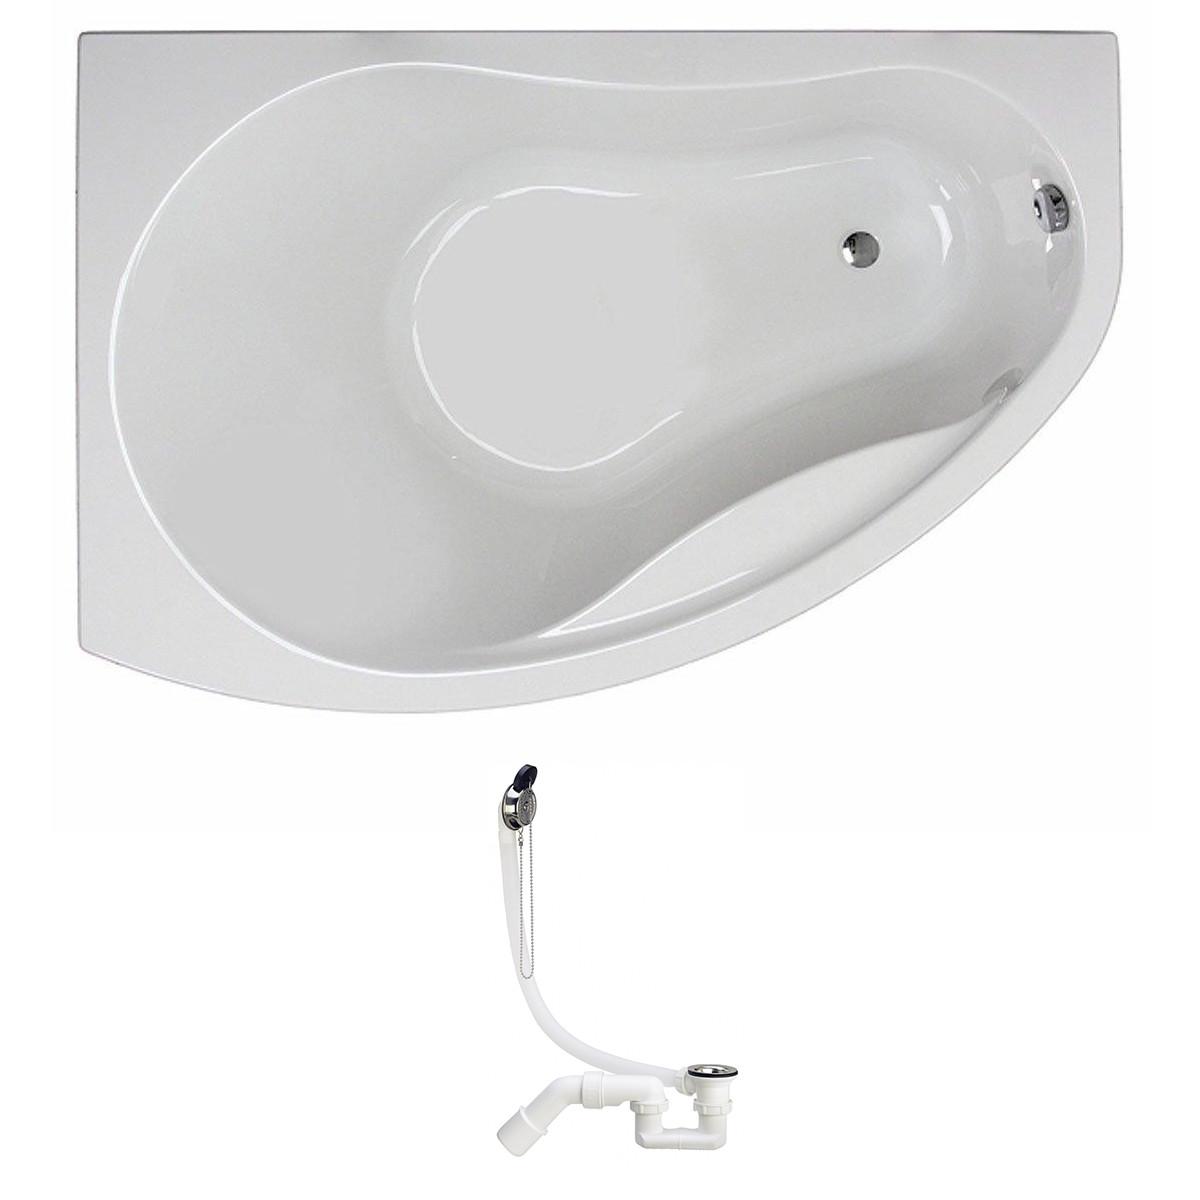 Kolo PROMISE ванна асиметрична 150*100 см, ліва, з ніжками SN7 + сифон Viega